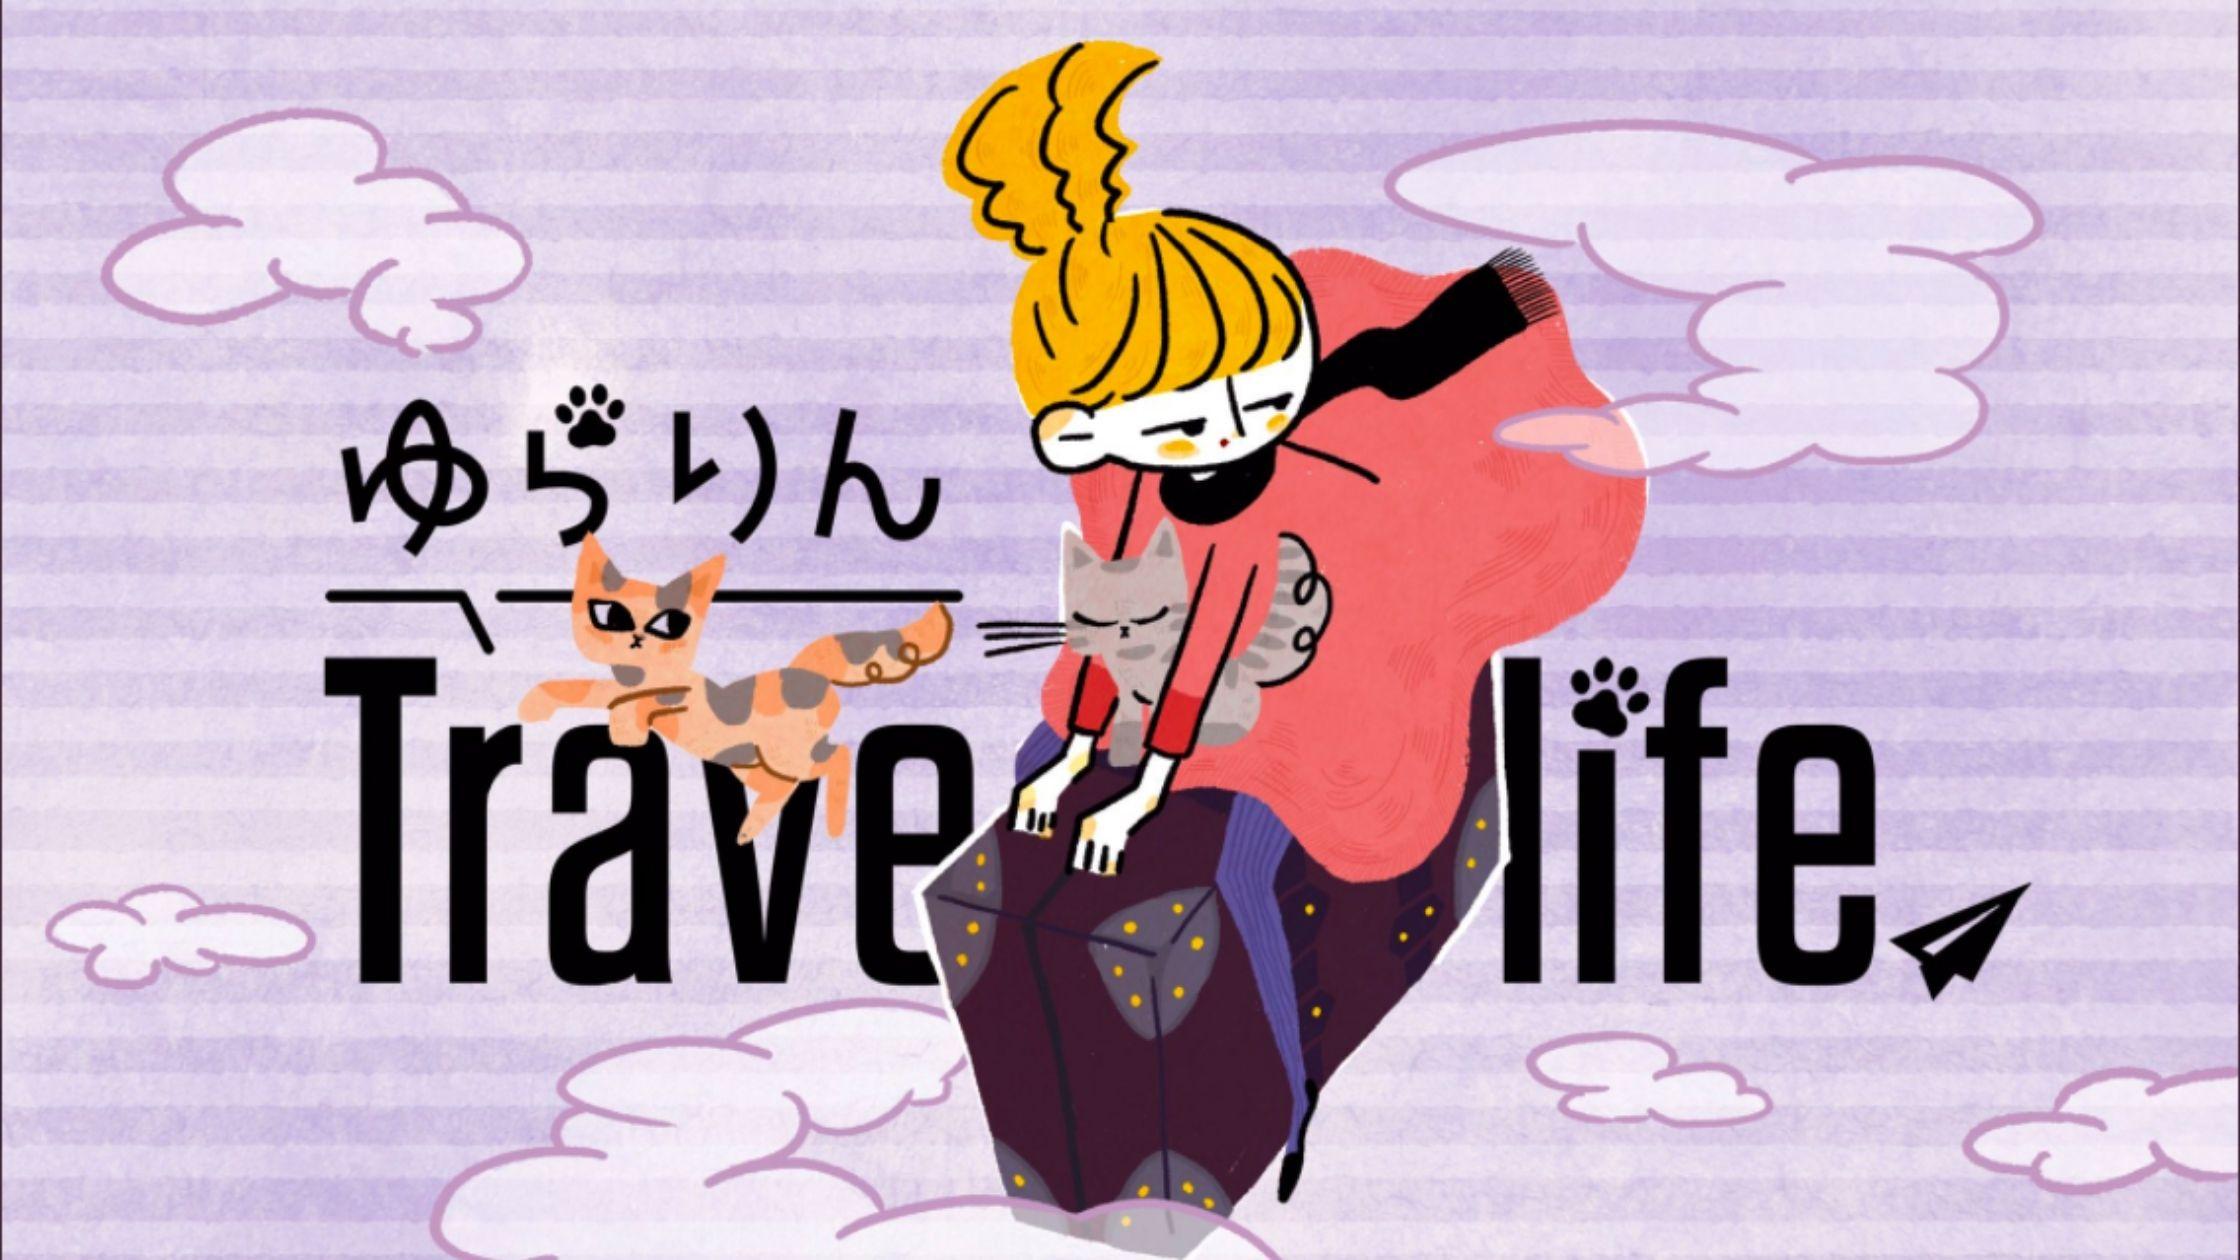 ゆらりんTravelife